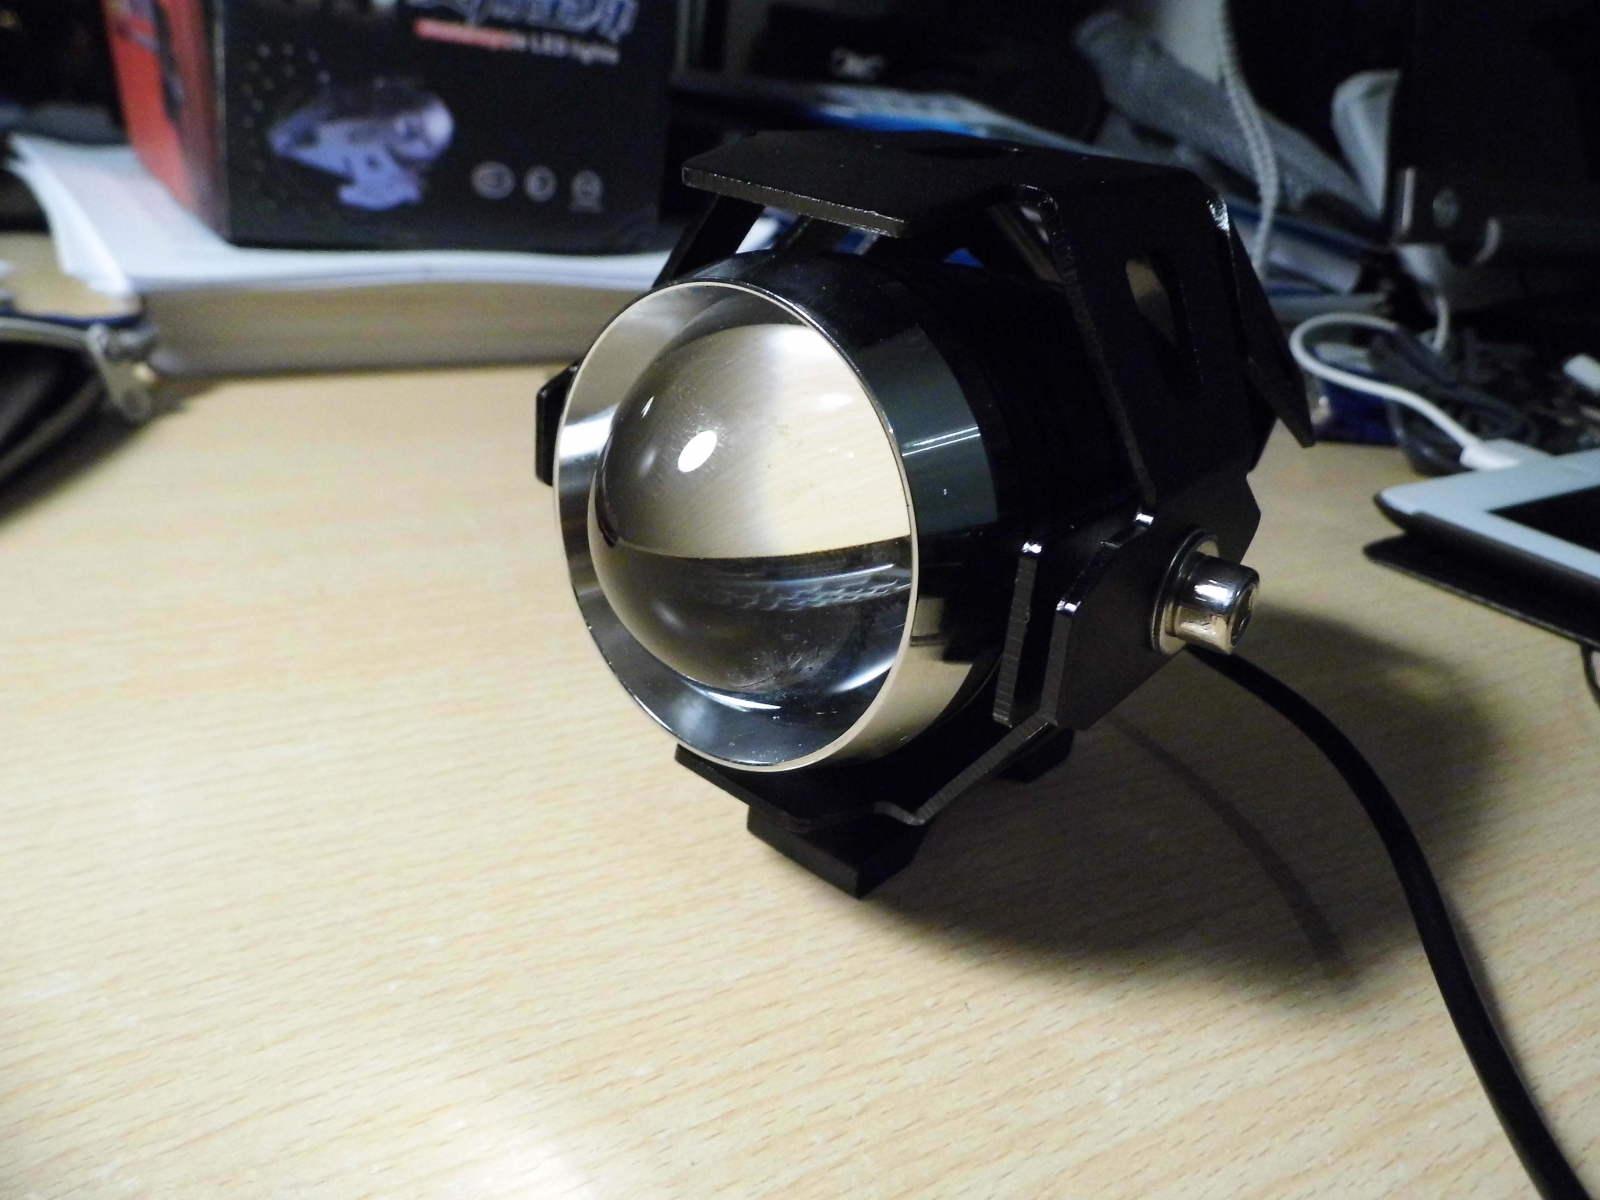 Mejora de la iluminación en la CB500X - Página 5 Zwn4z